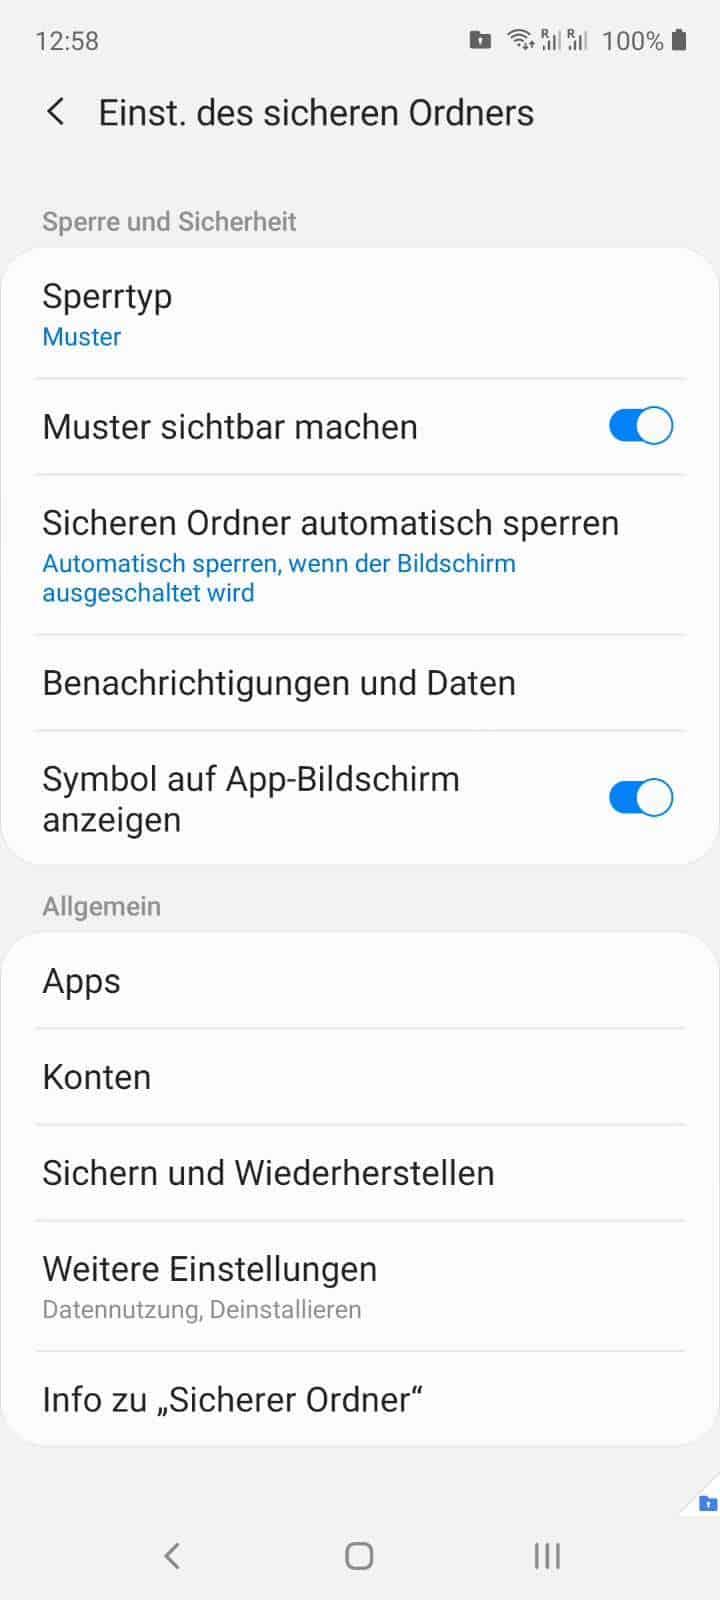 Sicherer Ordner Automatisch Sperren Samsung Handbuch Techbone